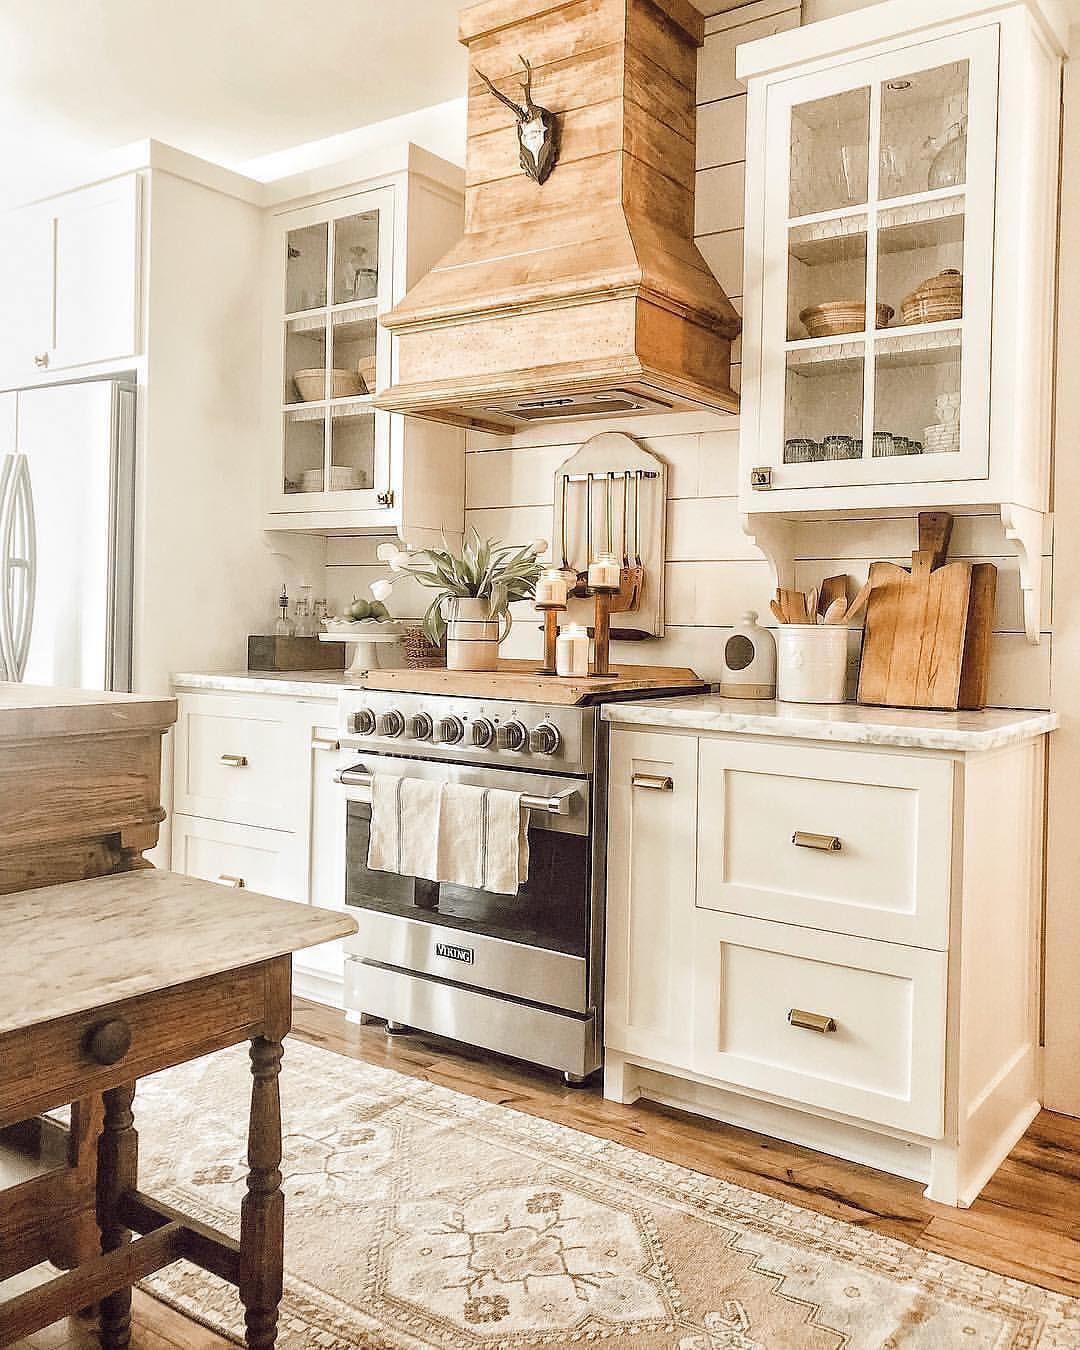 Vintagehomeinspiration on instagram kitchen goals tag for Mobilia instagram